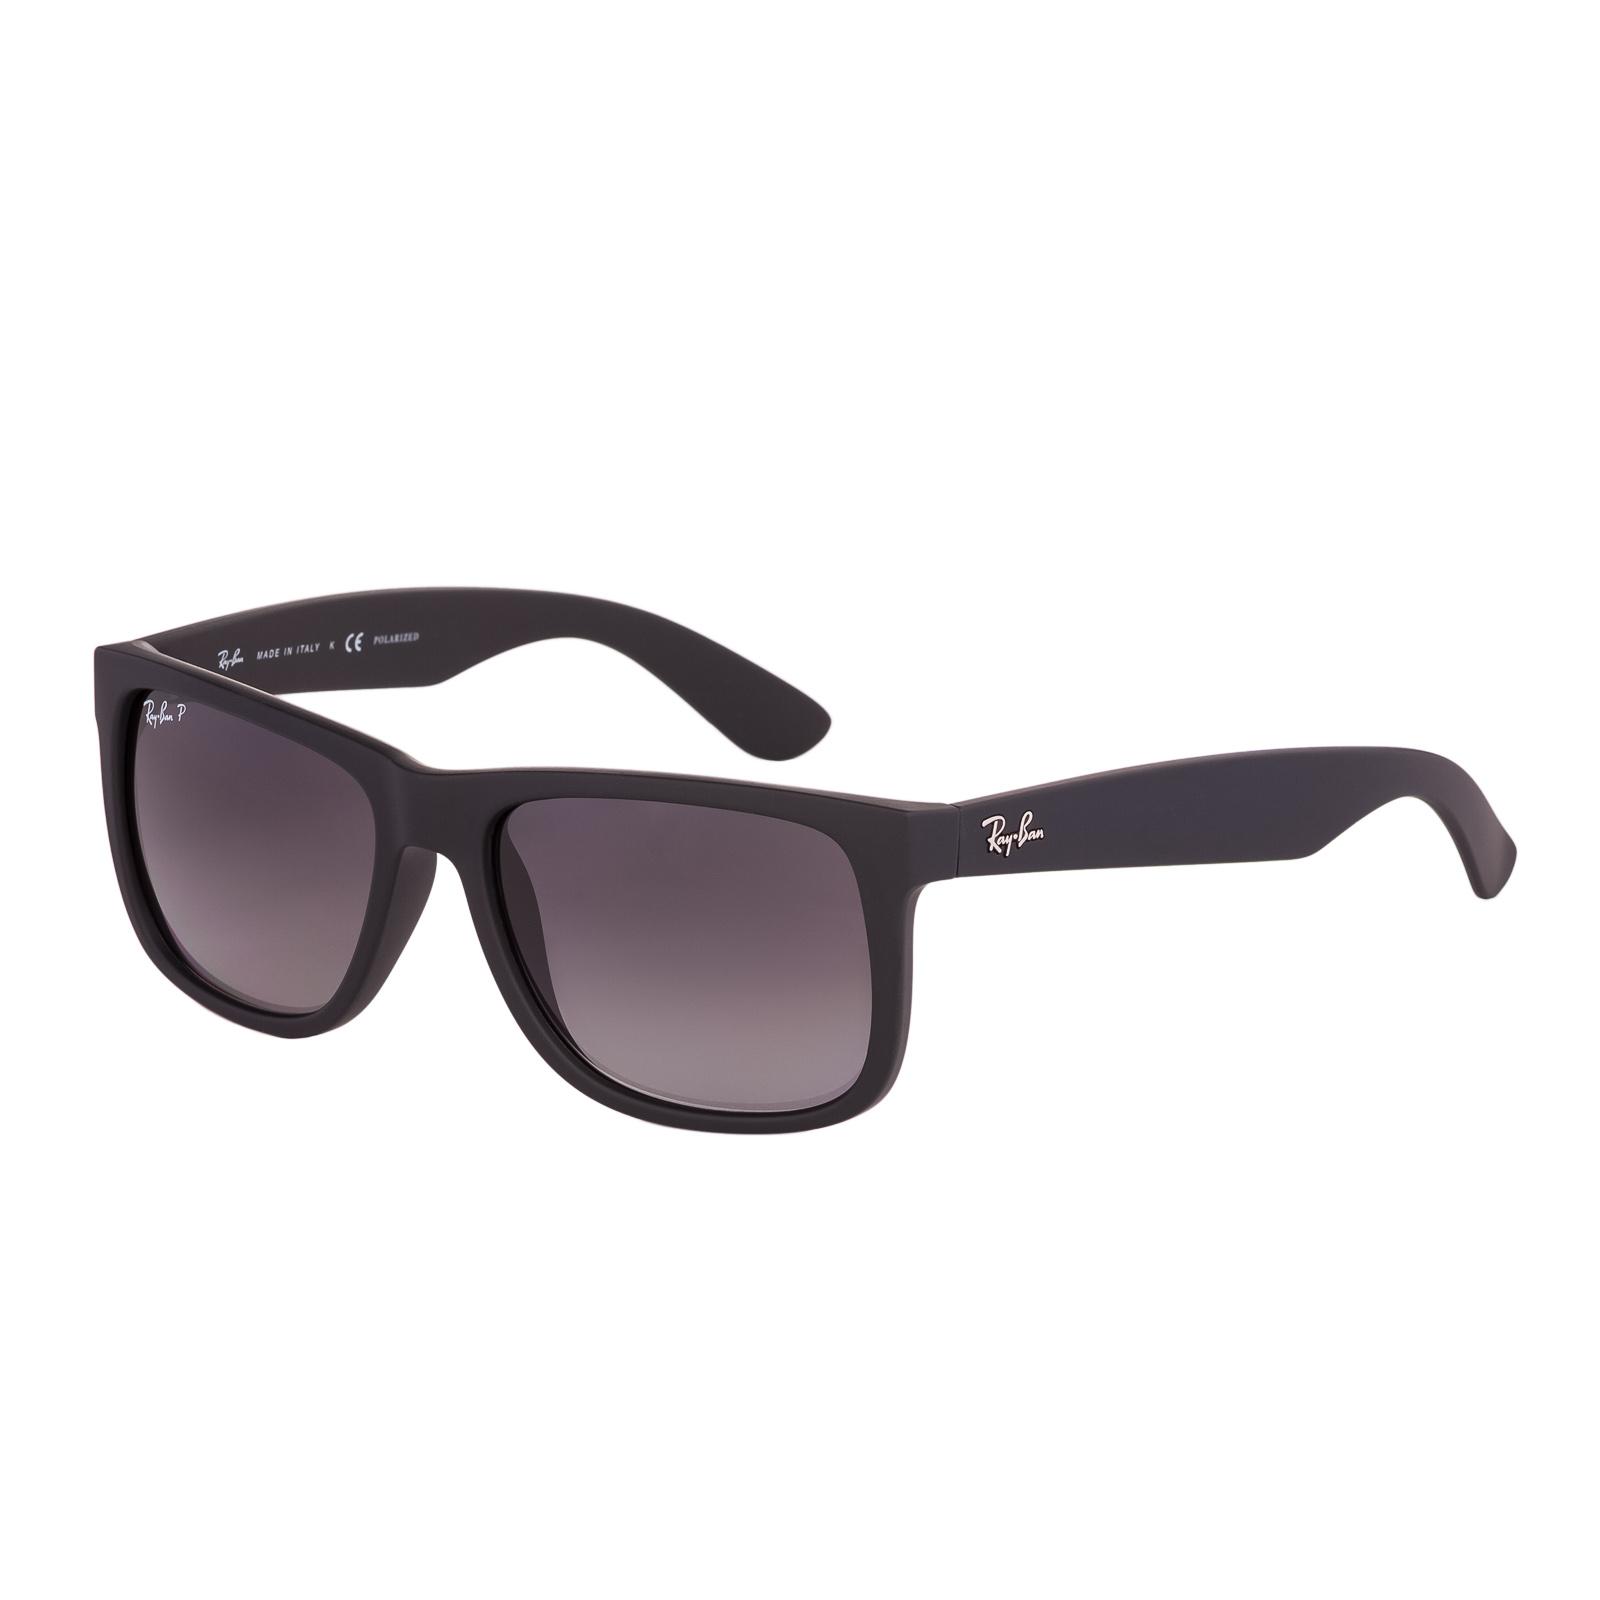 Artikel klicken und genauer betrachten! - Kauf die Ray-Ban Justin Sonnenbrille Black Rubber RB4165 622/T3 Sonnenbrille online in unserem webshop. Dies ist eine Herren-Sonnenbrille. Die Farbe des Gestells der Sonnebrille ist Schwarz und die Gläser sind Grau. Die Ray-Ban Sonnenbrillen sinds echte Leichtgewichte und bieten daher einen optimalen Tragekomfort. An einer Ray-Ban Justin Sonnenbrille Black Rubber RB4165 622/T3 hast du jahrelang Freude. Wir sind offizieller Händler von Ray-Ban Sonnenbrillen. Du erhältst darum auch die Standard-Garantie von 2 Jahre. Daneben bieten wir dir die Zeit, deine Sonnenbrille zu Hause in Ruhe anzuprobieren, und ggf. umzutauschen. Online eine Ray-Ban Sonnenbrille zu kaufen war noch nie so sicher. Diese sonnenbrille von Ray-Ban wird kostenlos versendet ab 50 €.   im Online Shop kaufen